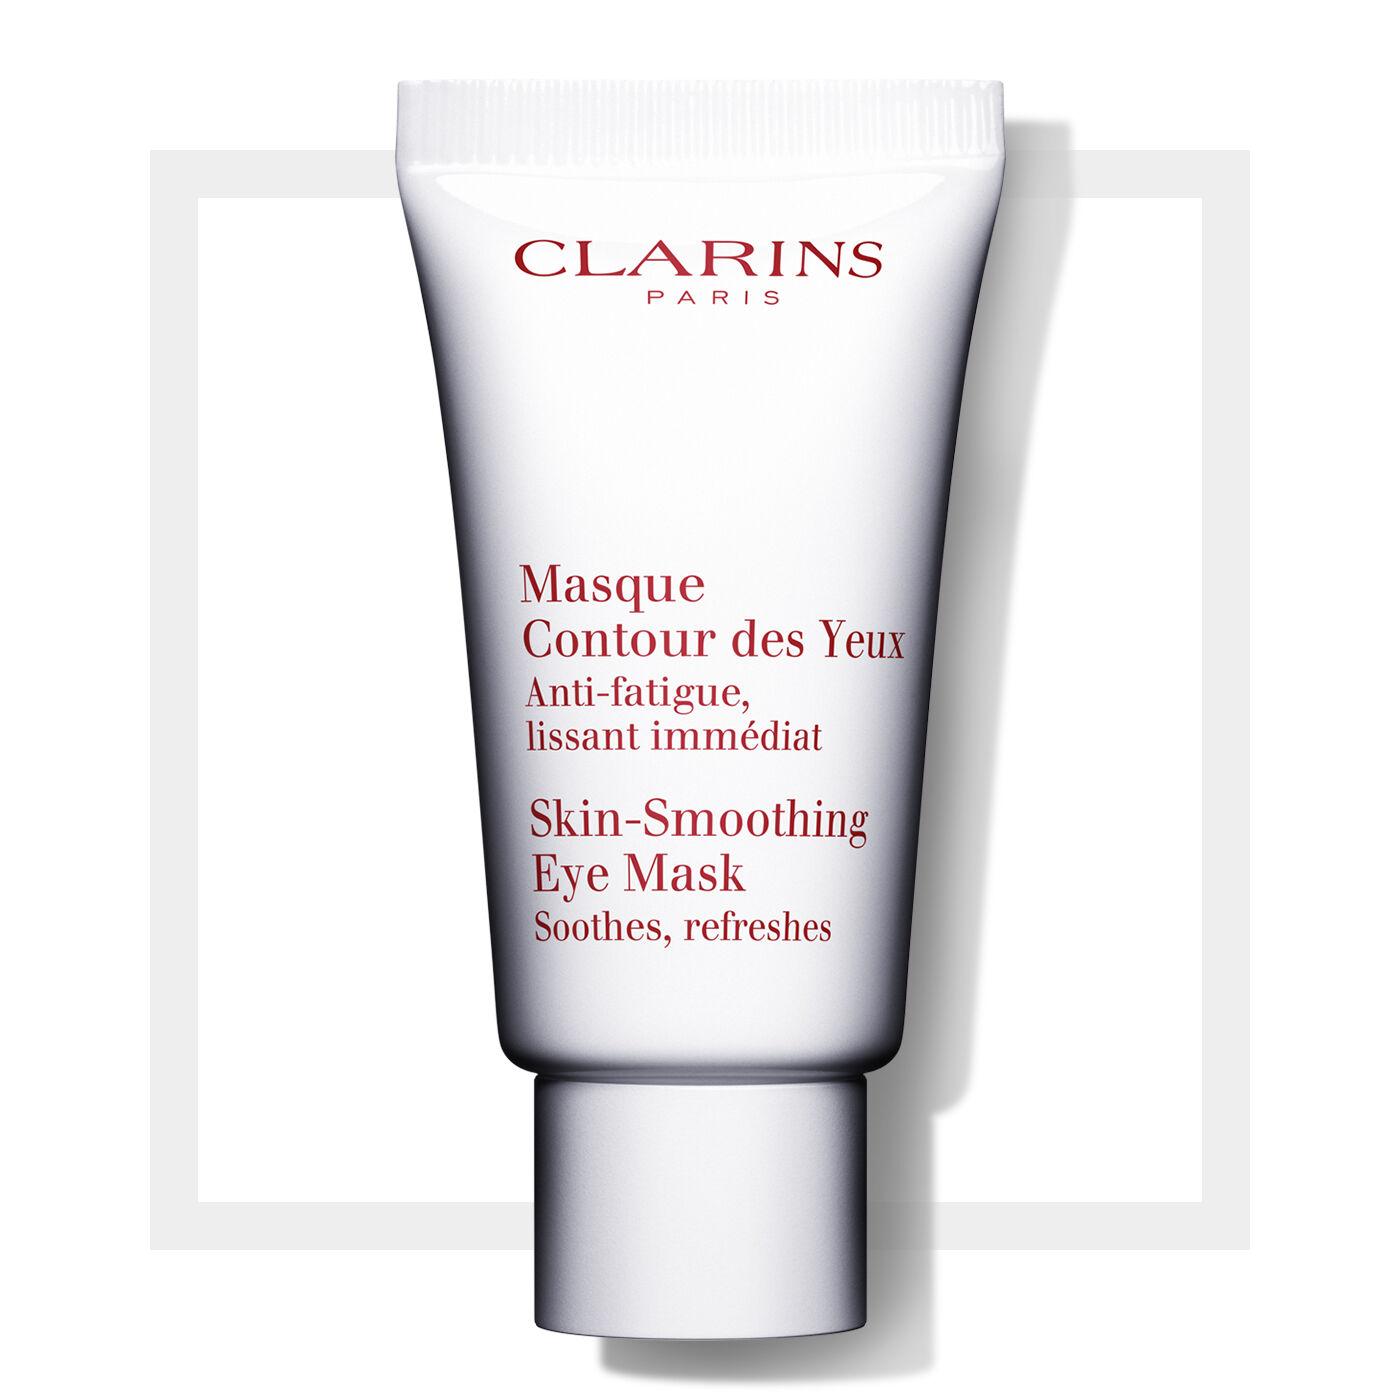 Augenmaske Masque Contour des Yeux mit Lifting-Effekt